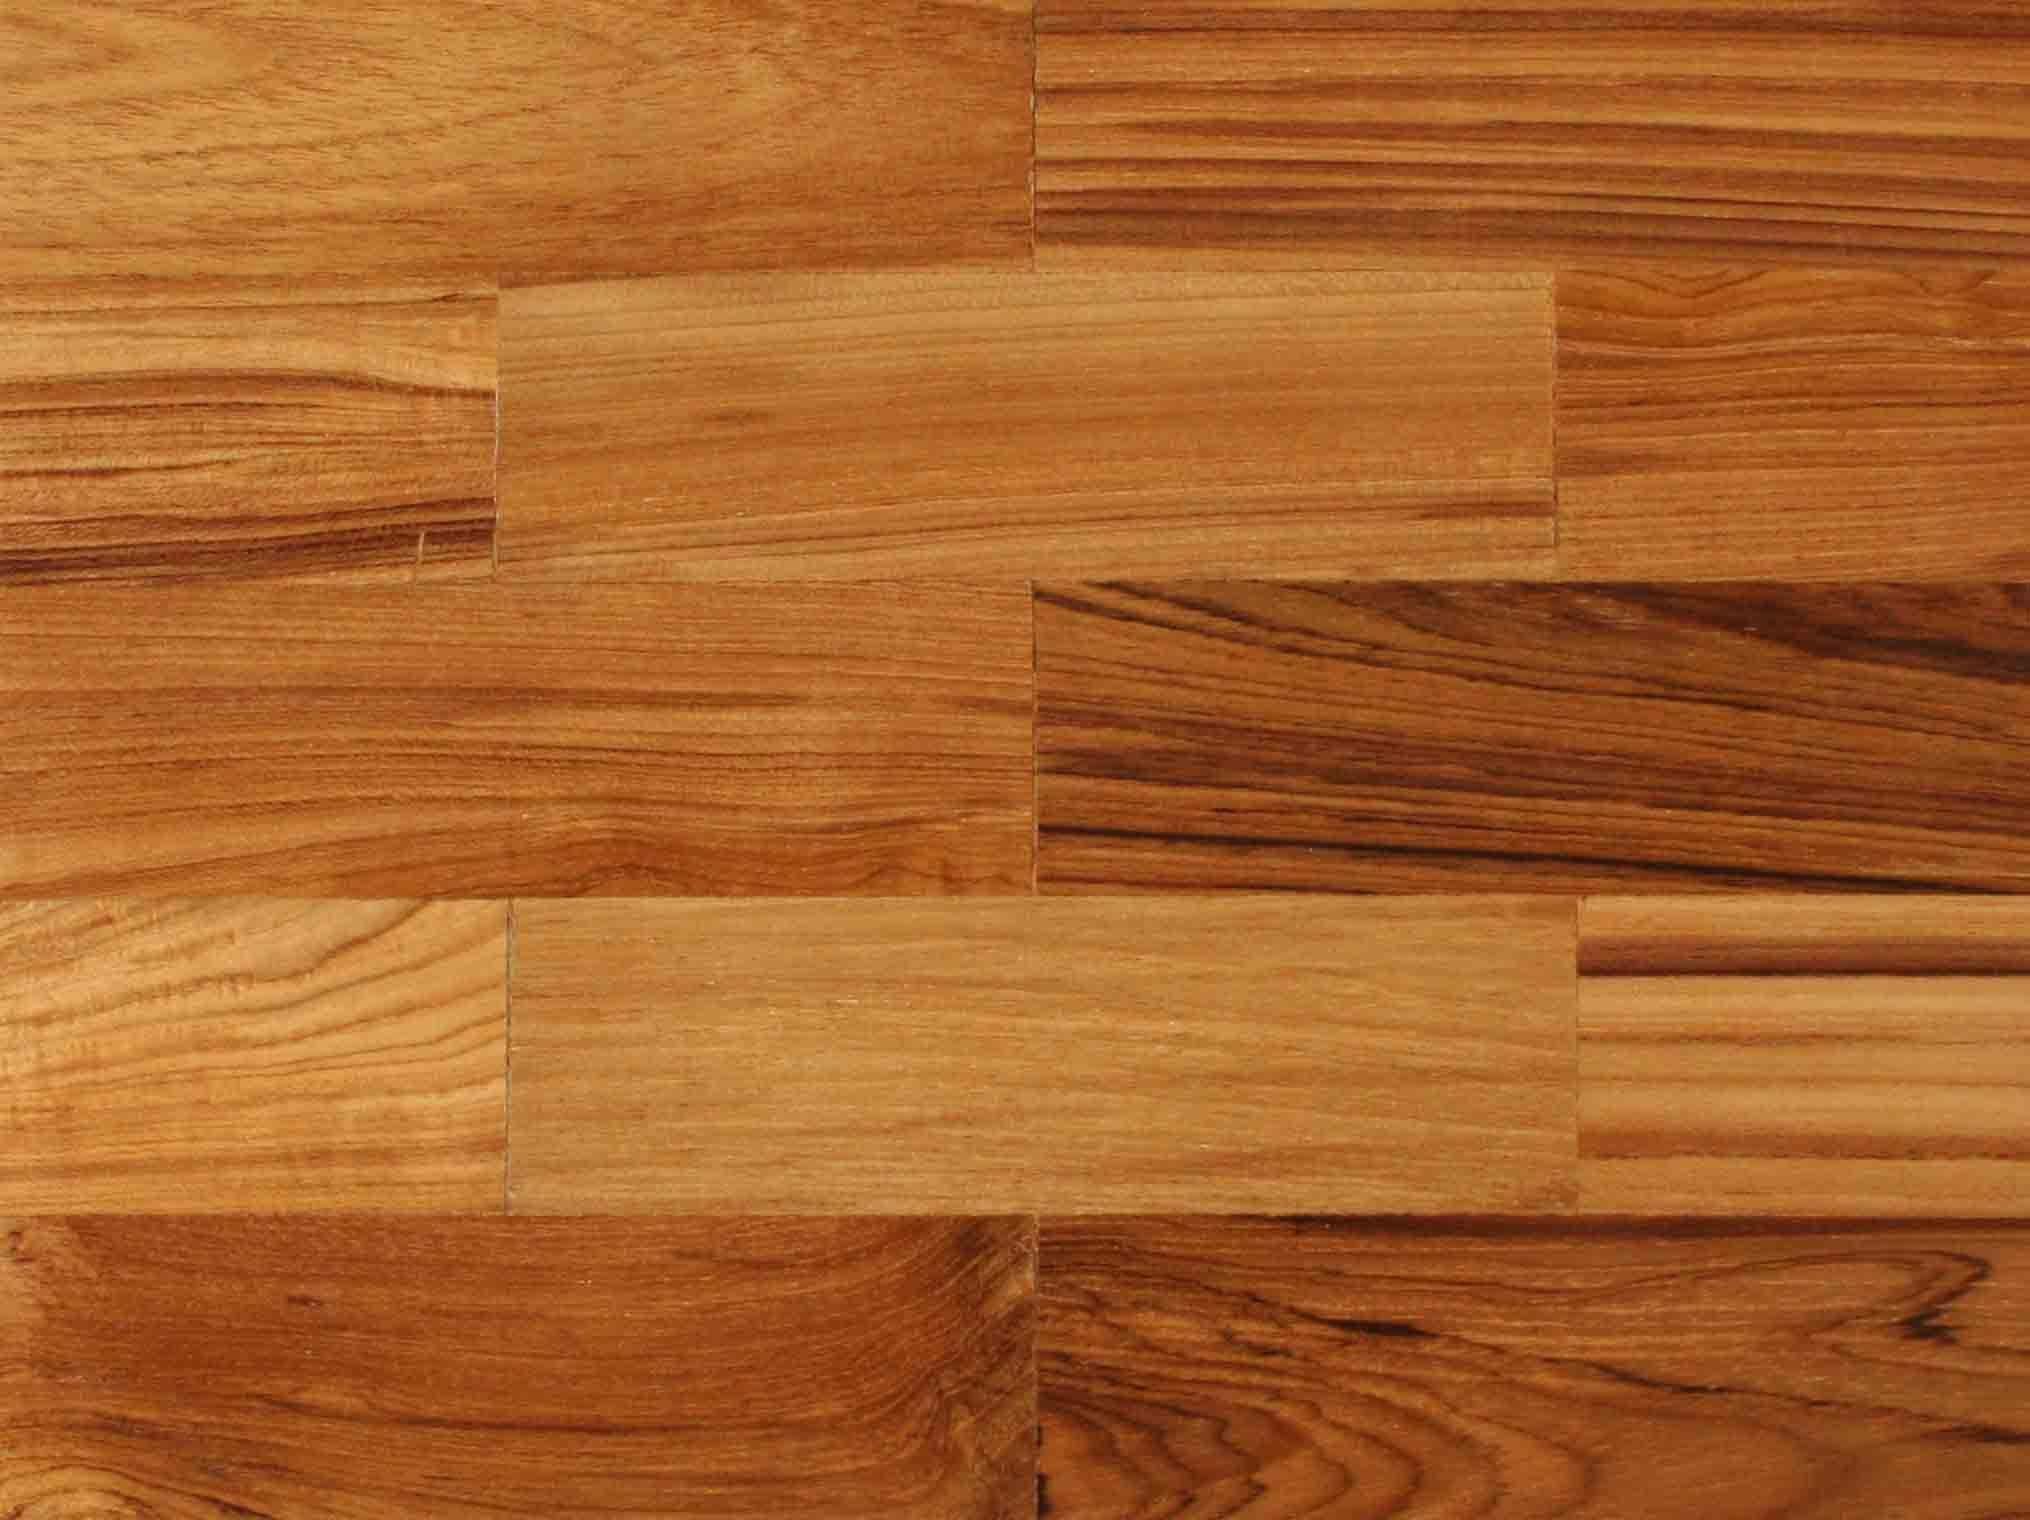 Wood Flooring Wood Flooring Bamboo Wood Flooring Bedroom Wood Flooring Brisbane